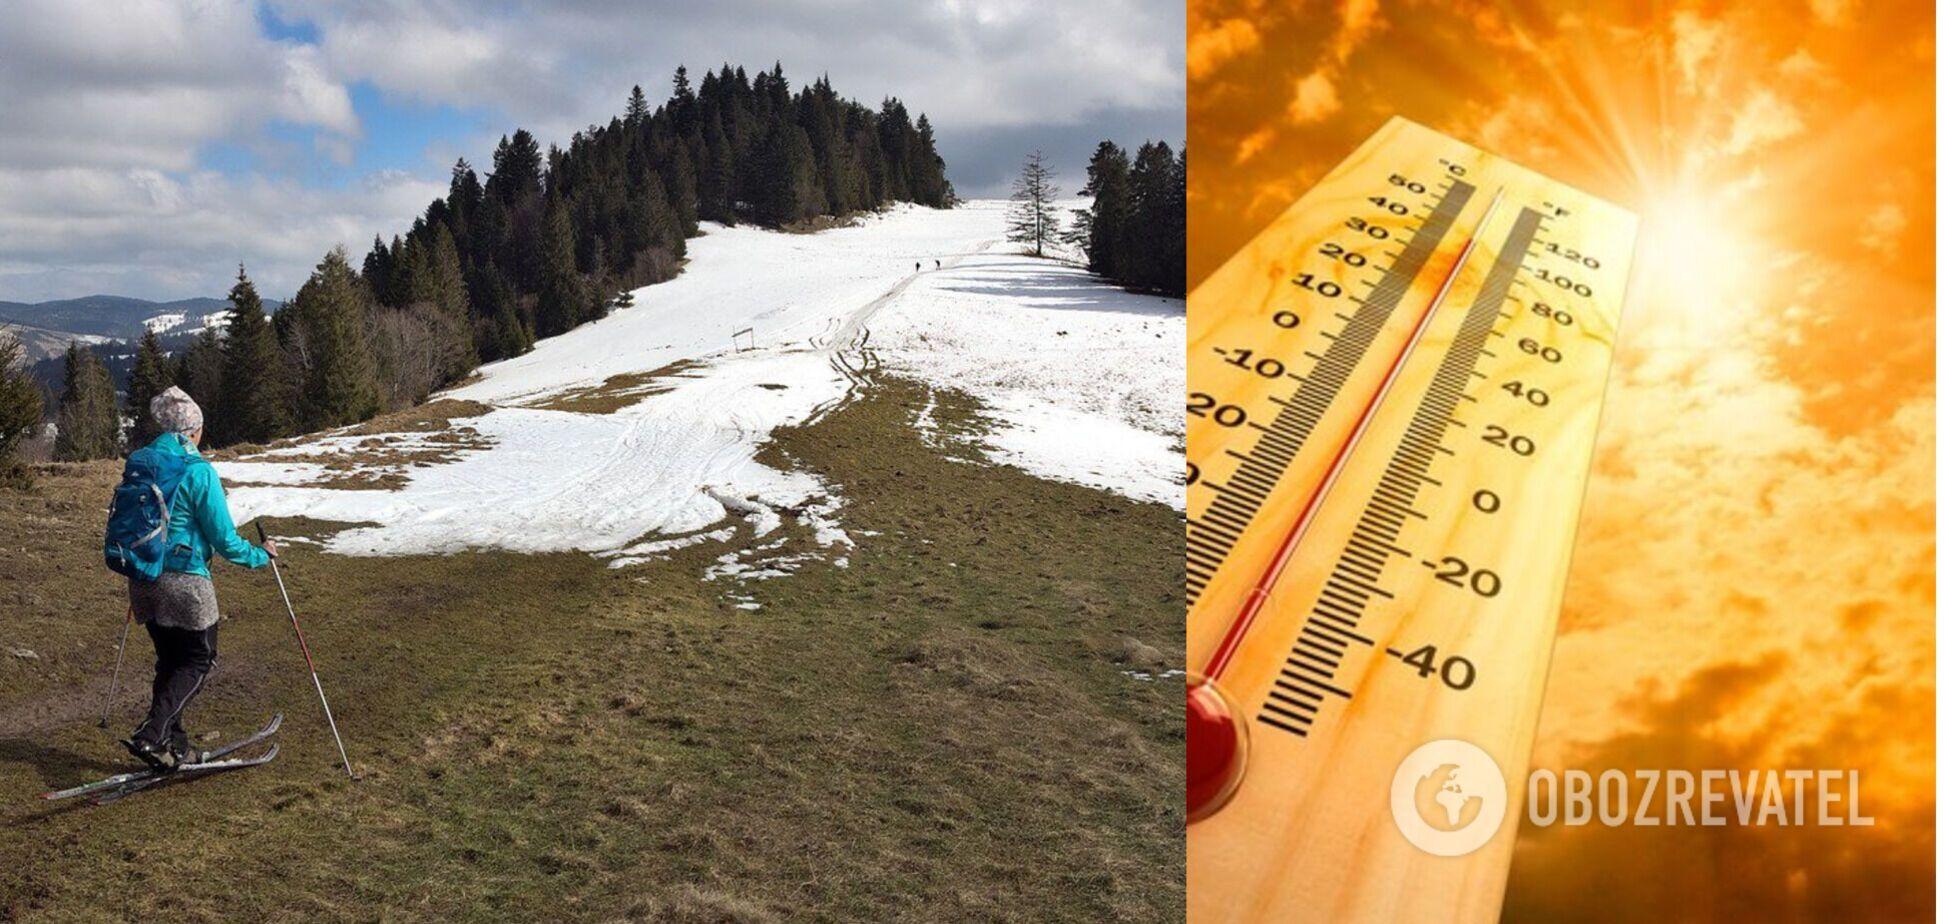 Буде ніде кататися на лижах: озвучено прогноз щодо змін клімату і наслідків для України